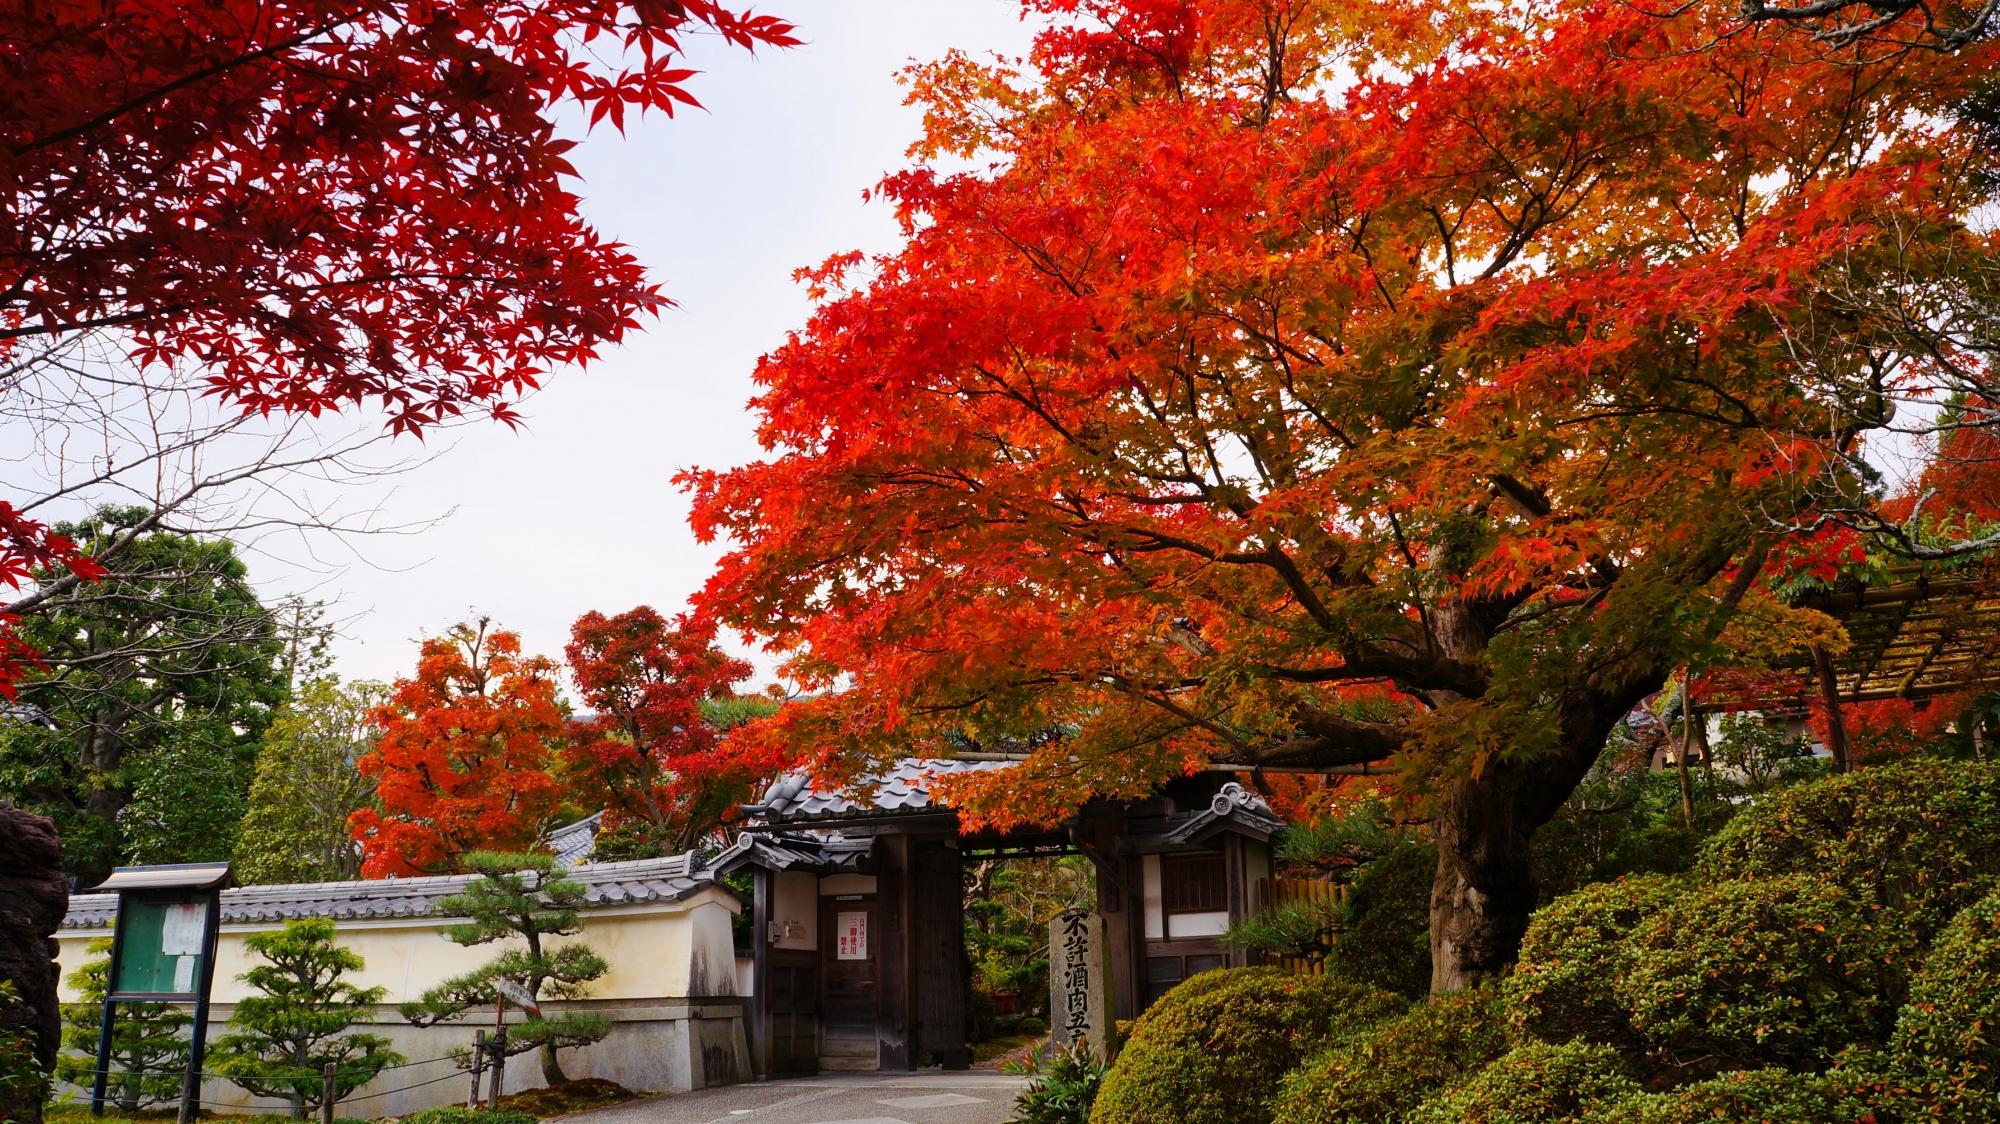 山門をつつむ鮮やかな紅葉